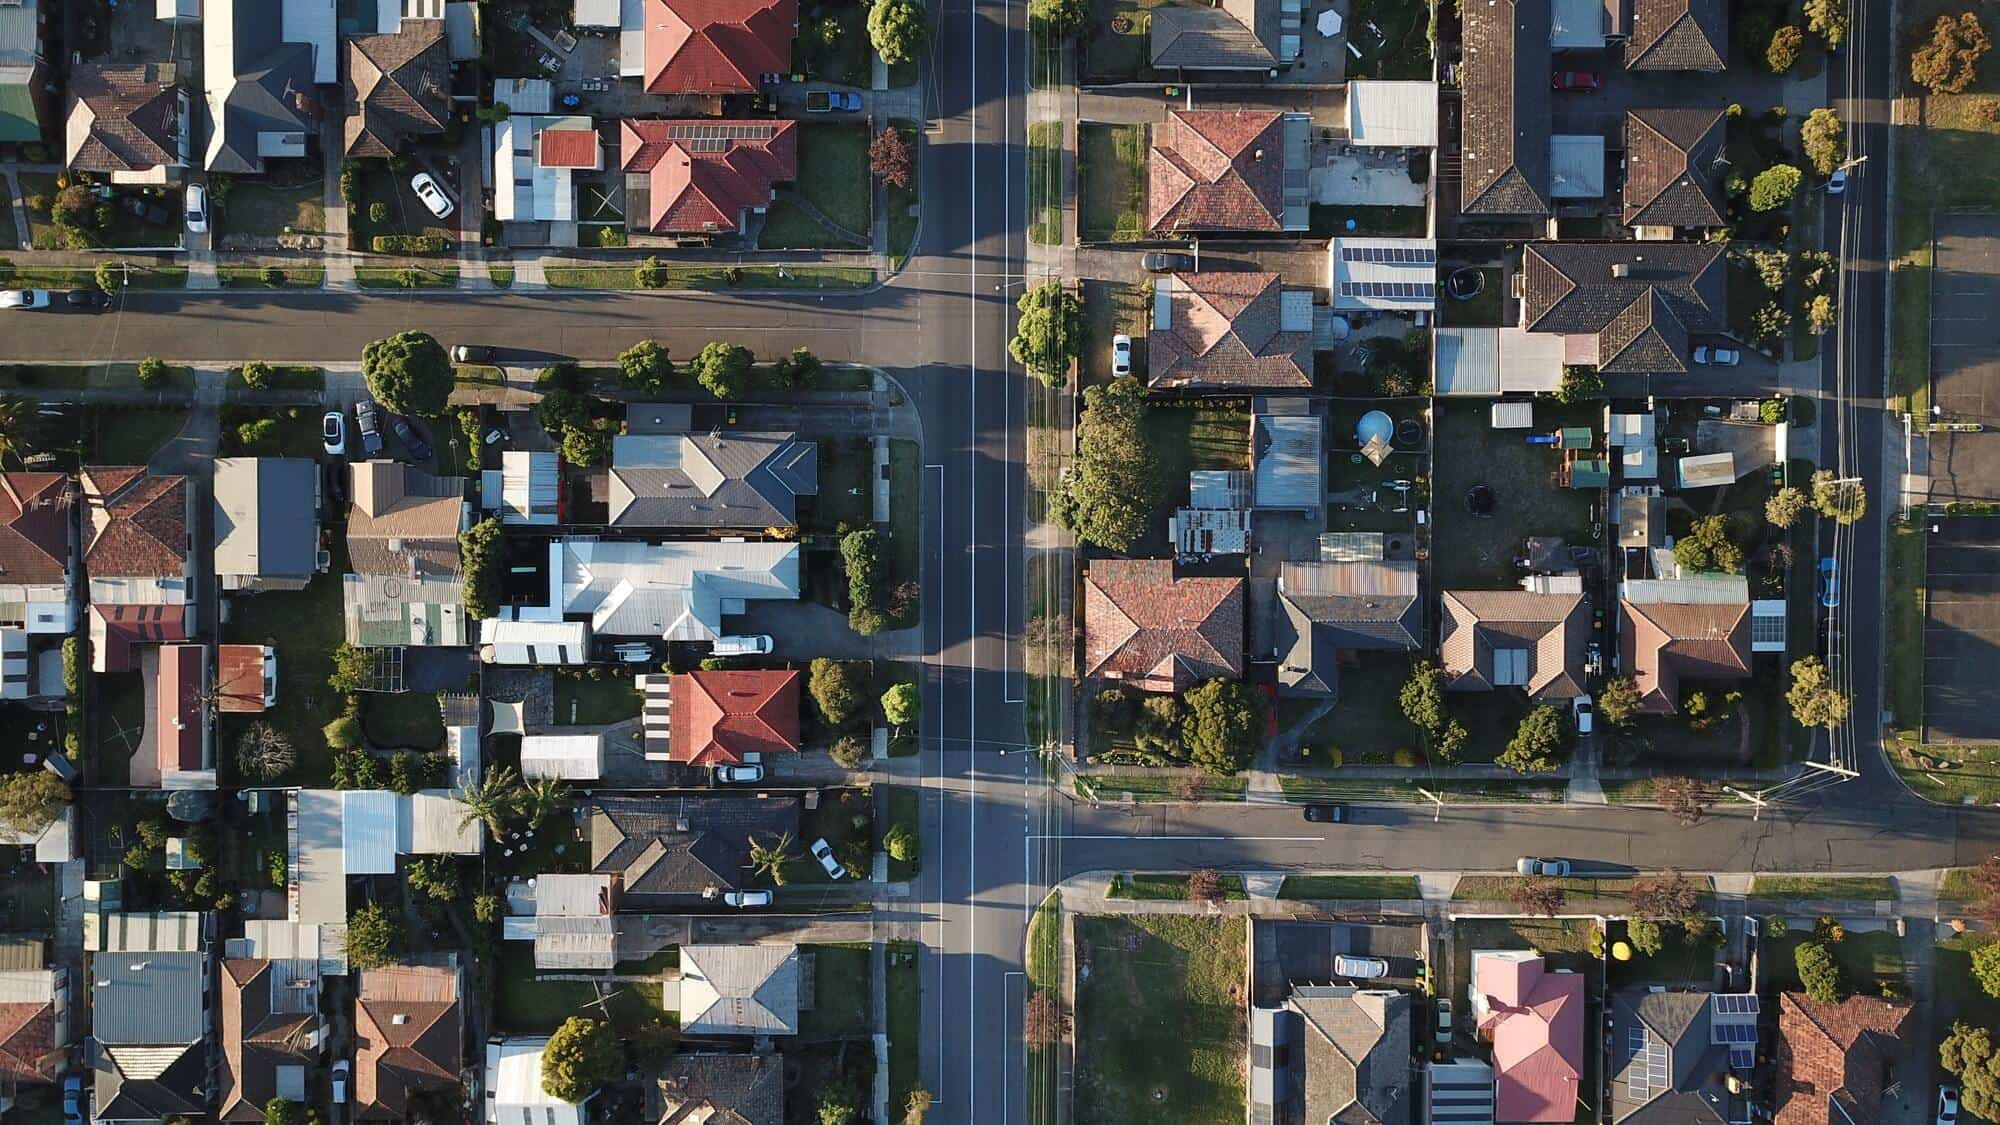 Namų nuotrauk iš drono